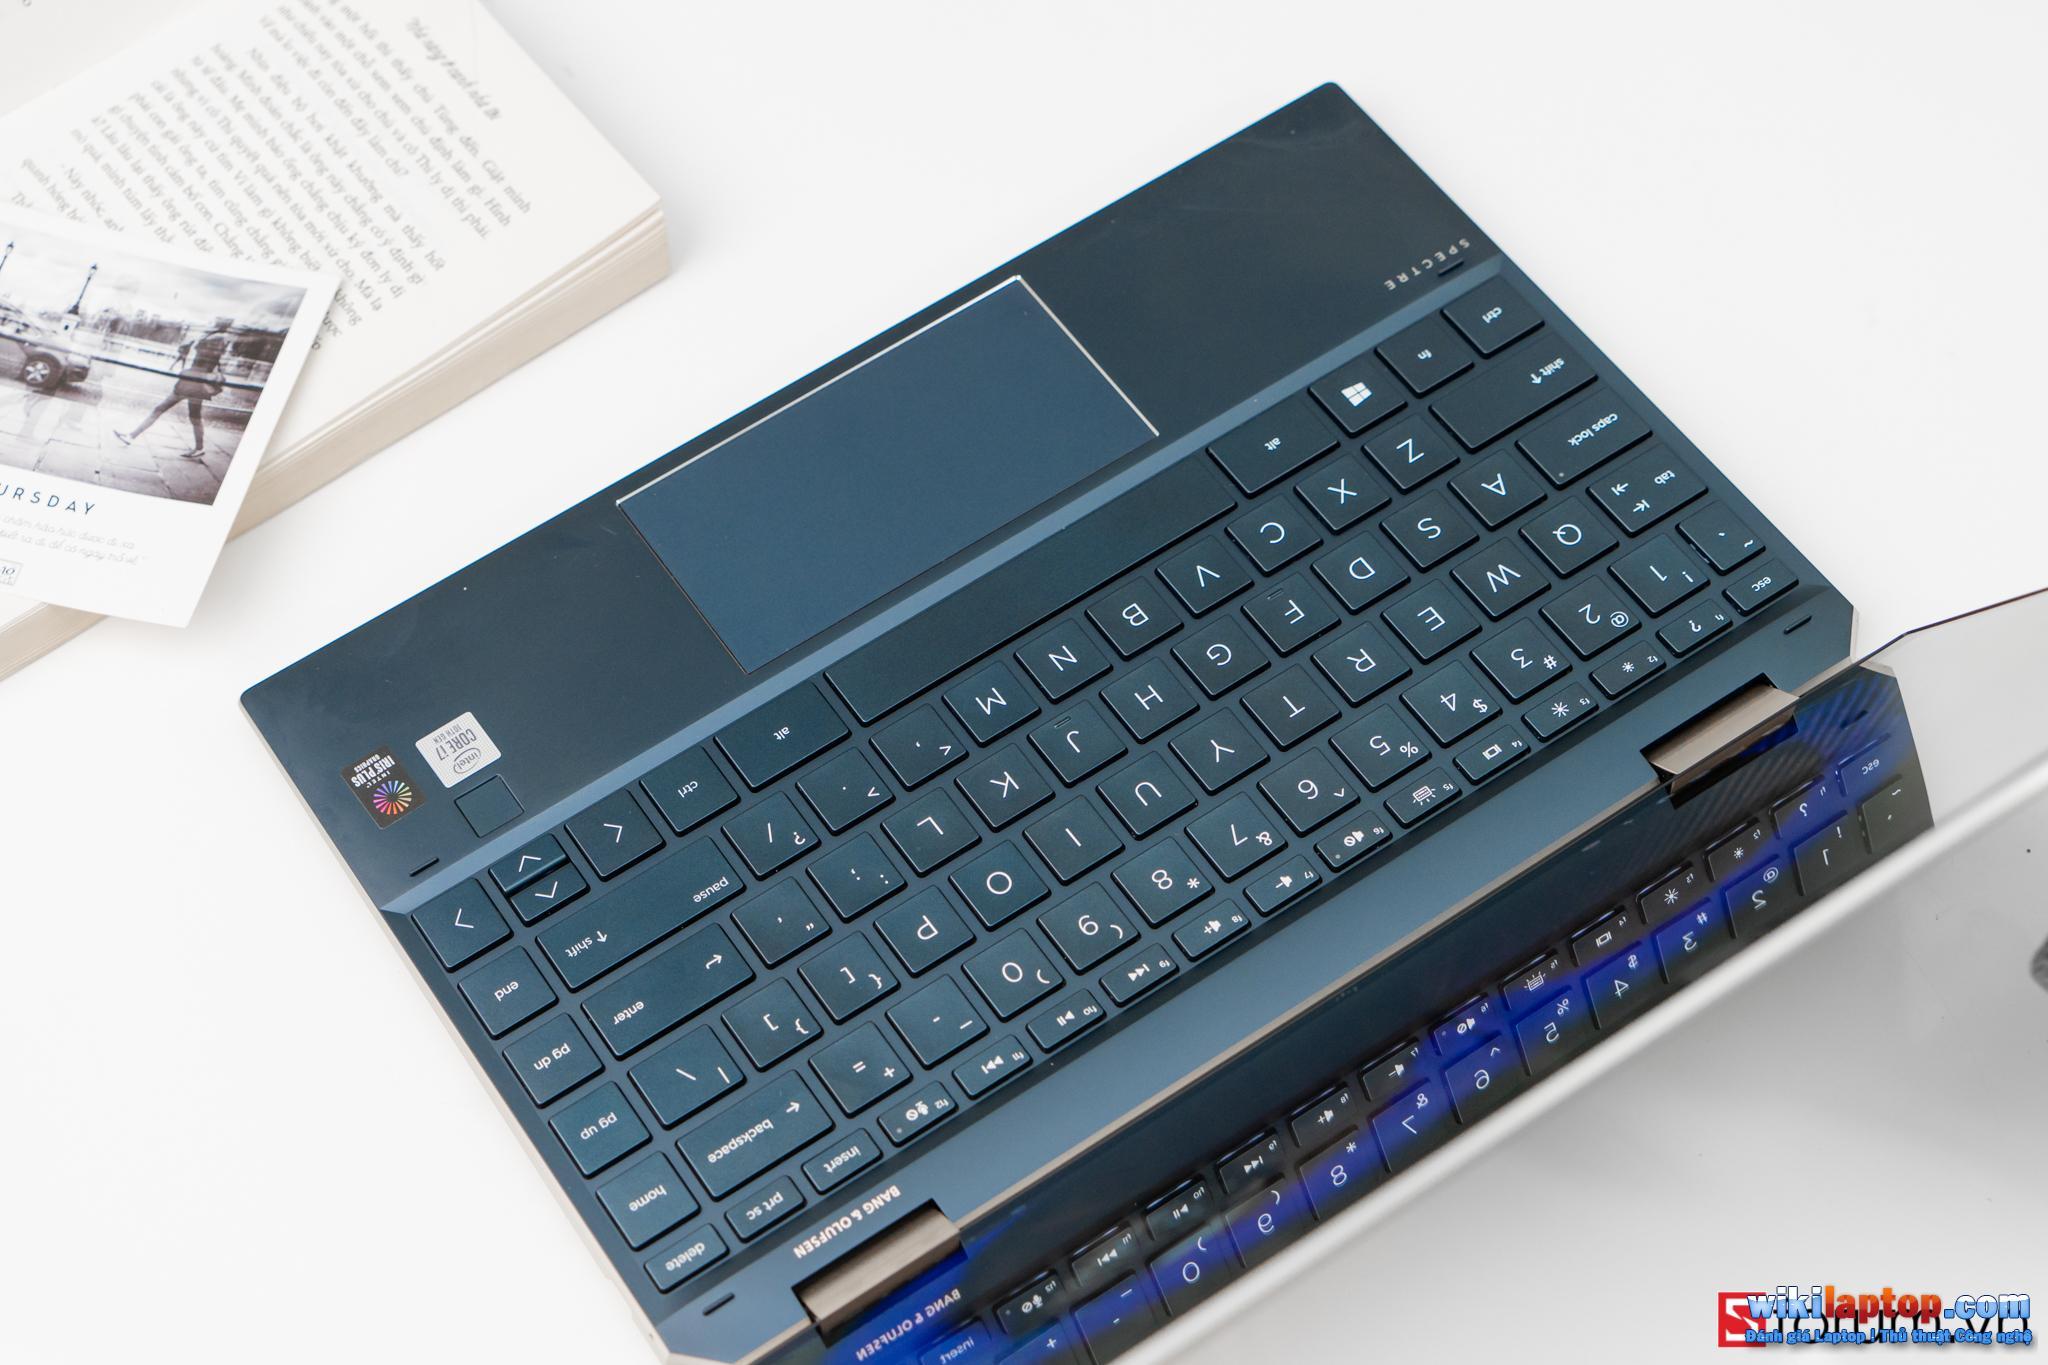 Sforum - Trang thông tin công nghệ mới nhất CPS-HP-Spectre-X360-13-54 Đánh giá chi tiết HP Spectre x360 13: Cái gì bên trong một chiếc Laptop có giá gần 50 triệu HP?